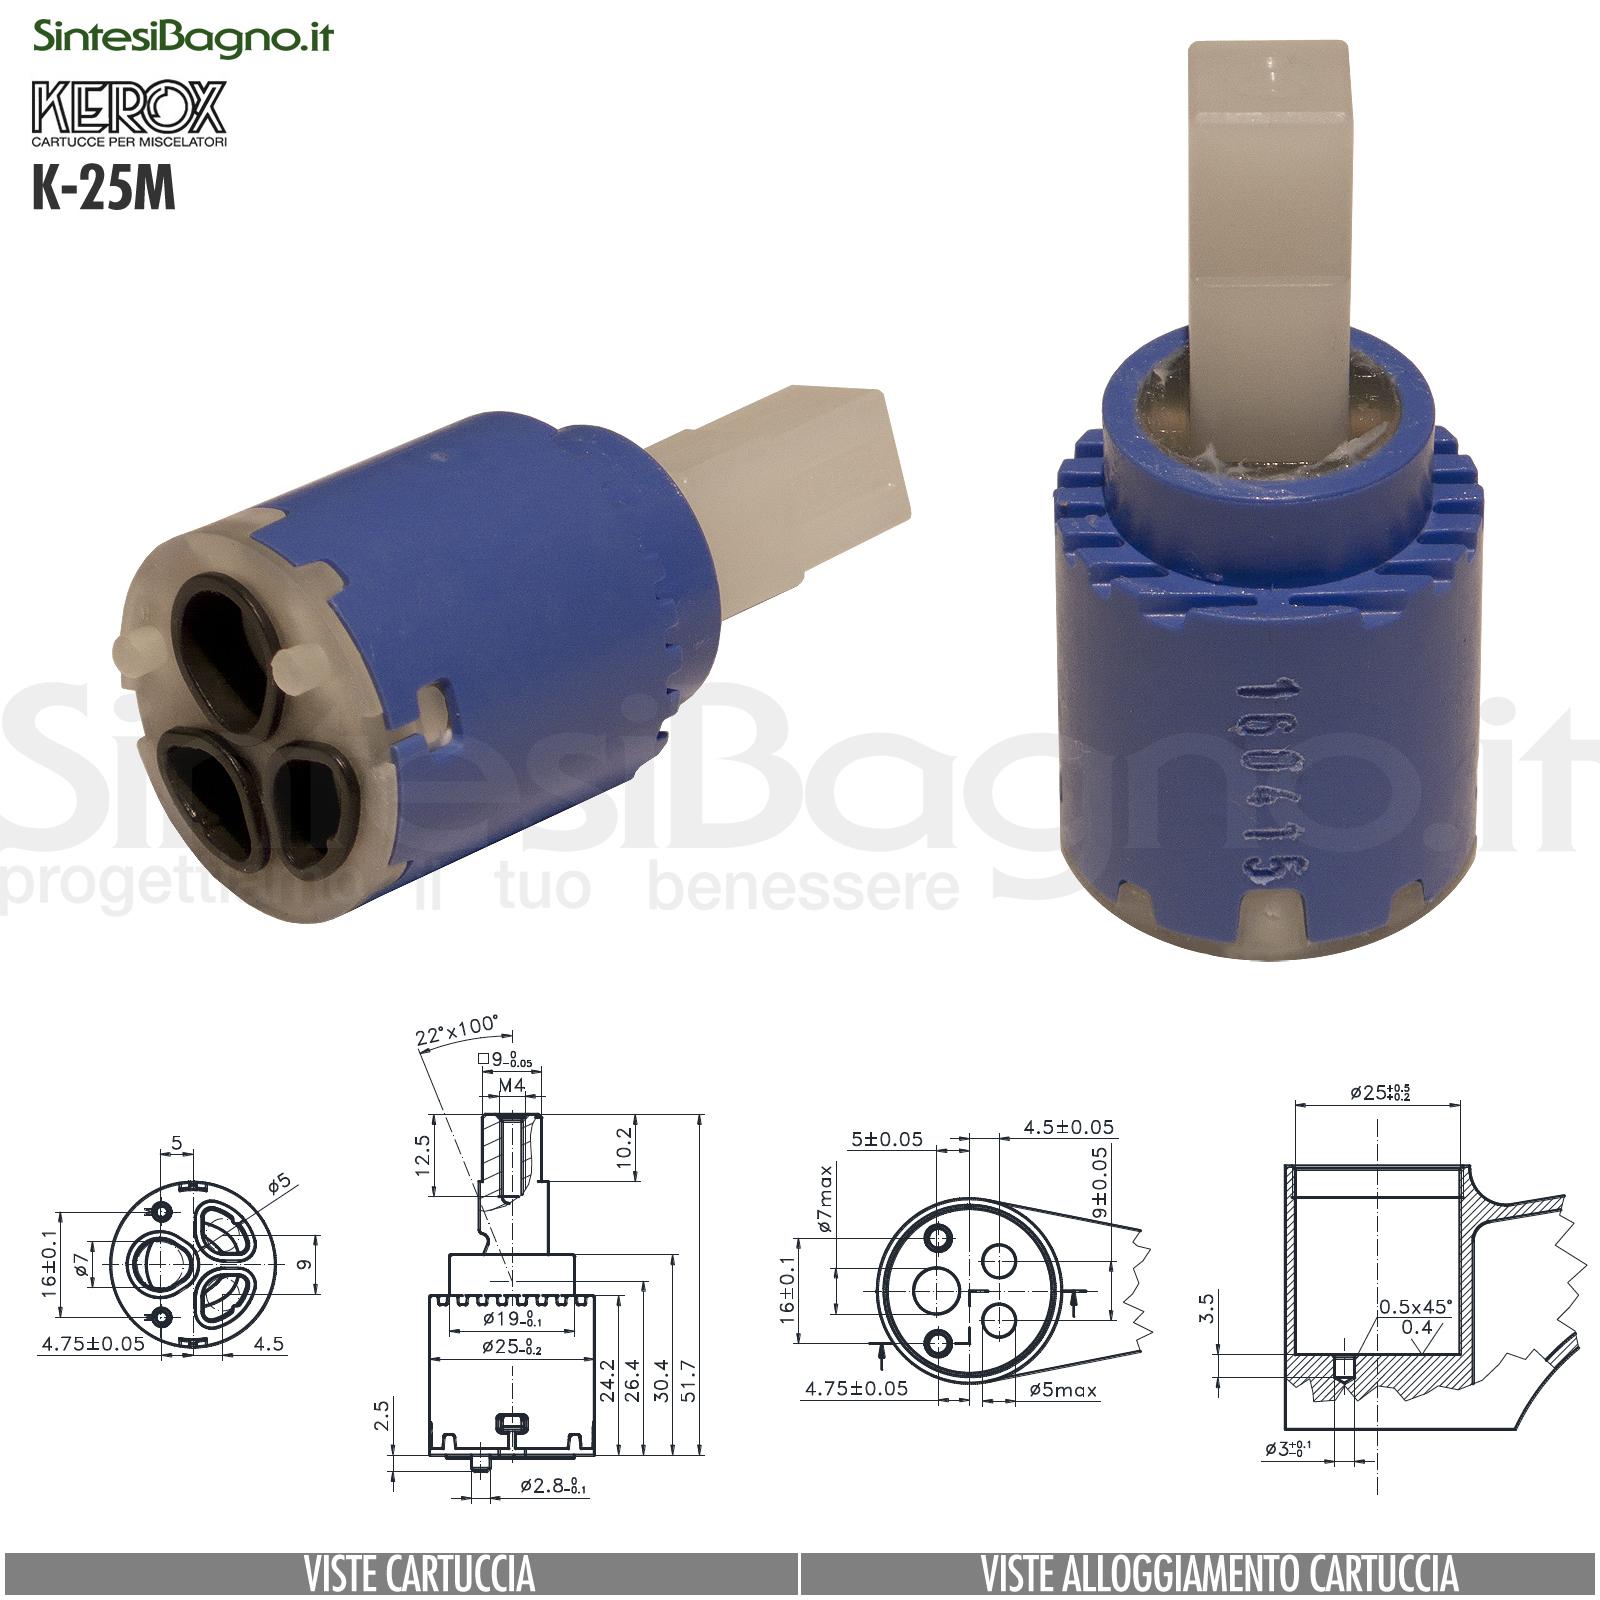 KEROX K 25 M | Cartuccia KEROX K-25M di ricambio per miscelatore monocomando Ø 25 mm